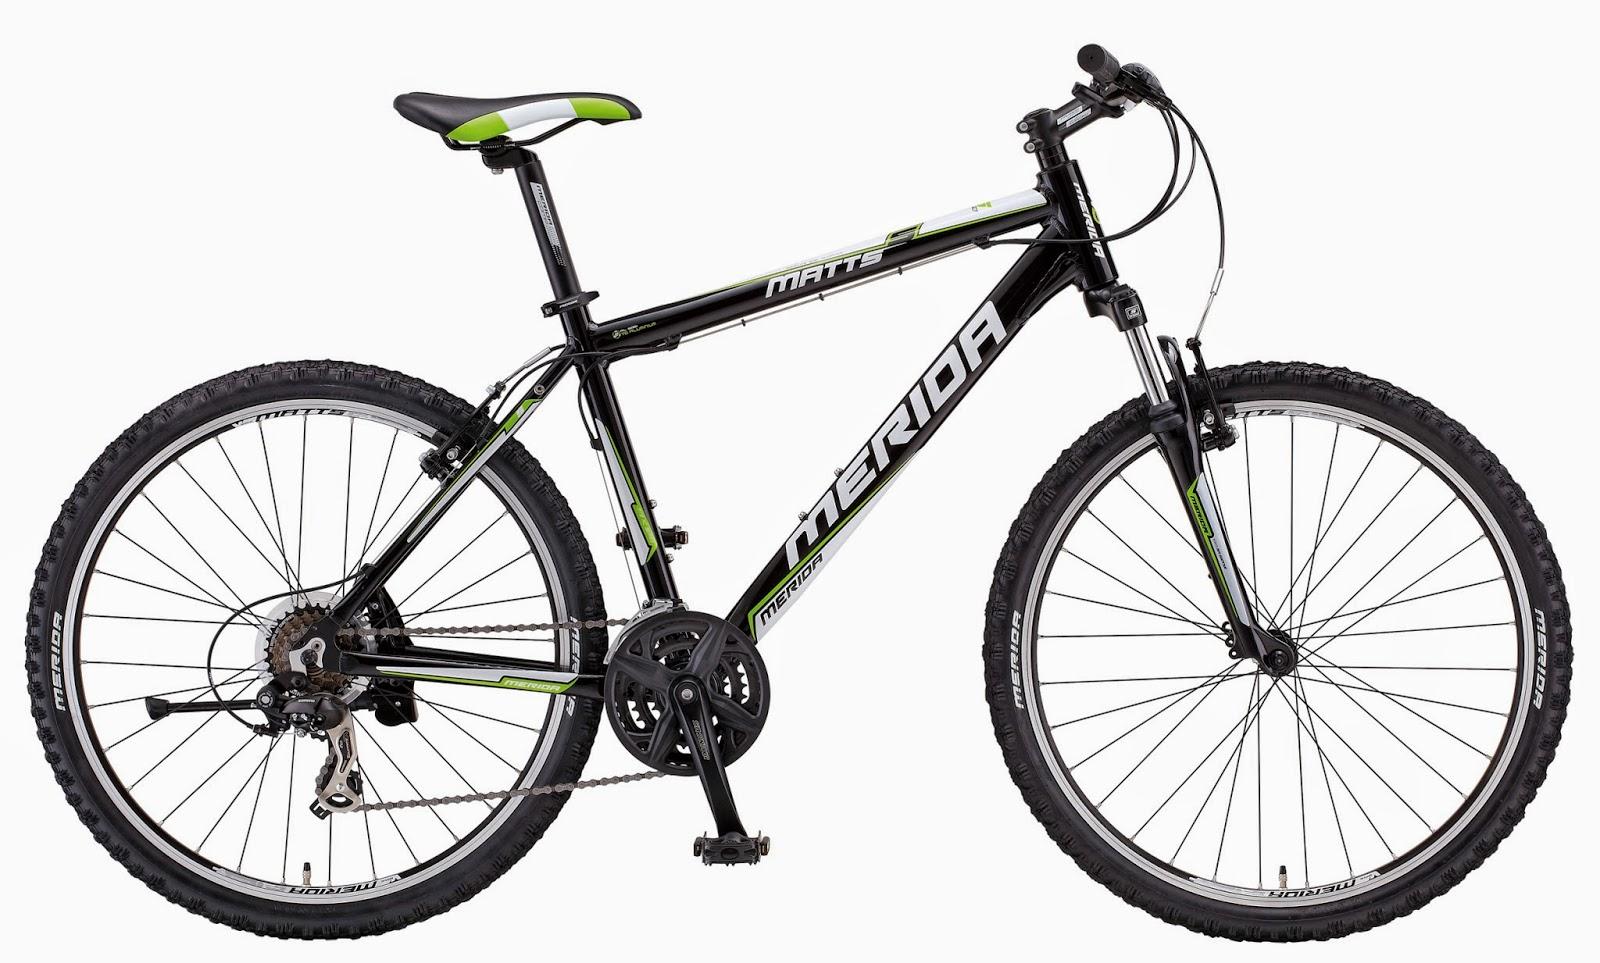 自転車の 自転車のタイヤサイズ 選び方 : 1台目のクロスバイクの選び方 ...